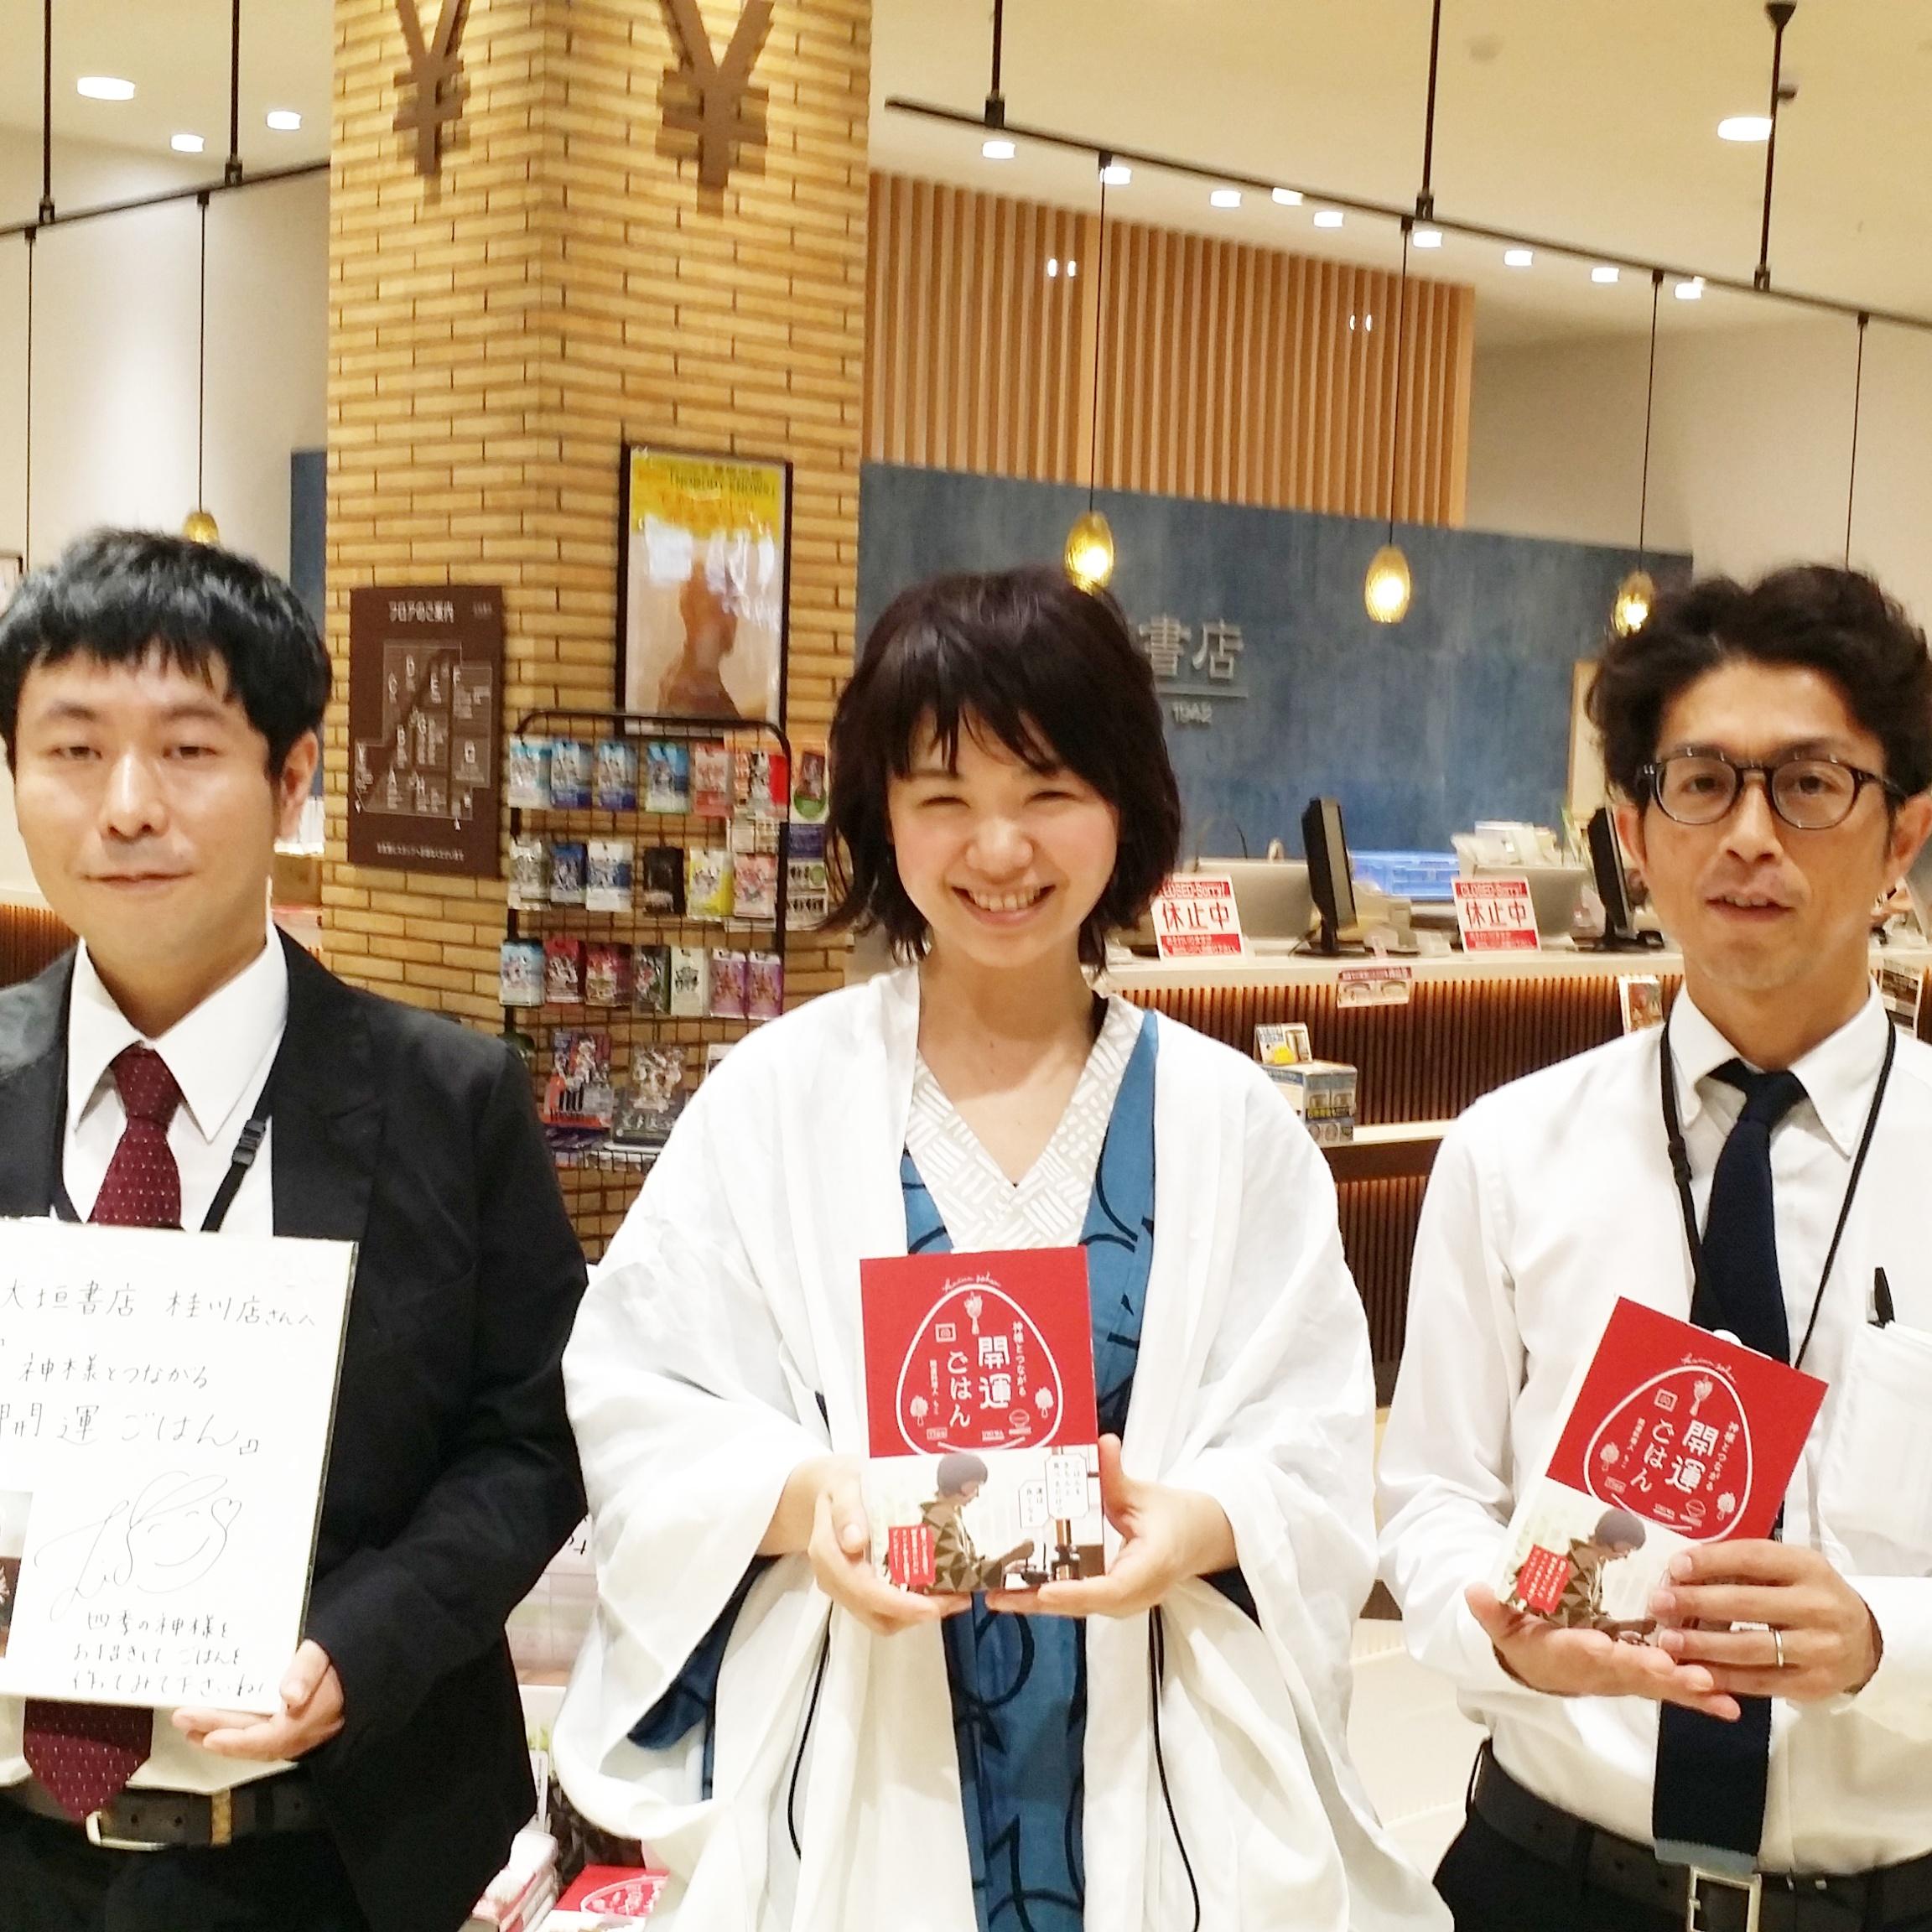 大垣書店 イオンモール京都桂川店さんへ行ってきたよ。